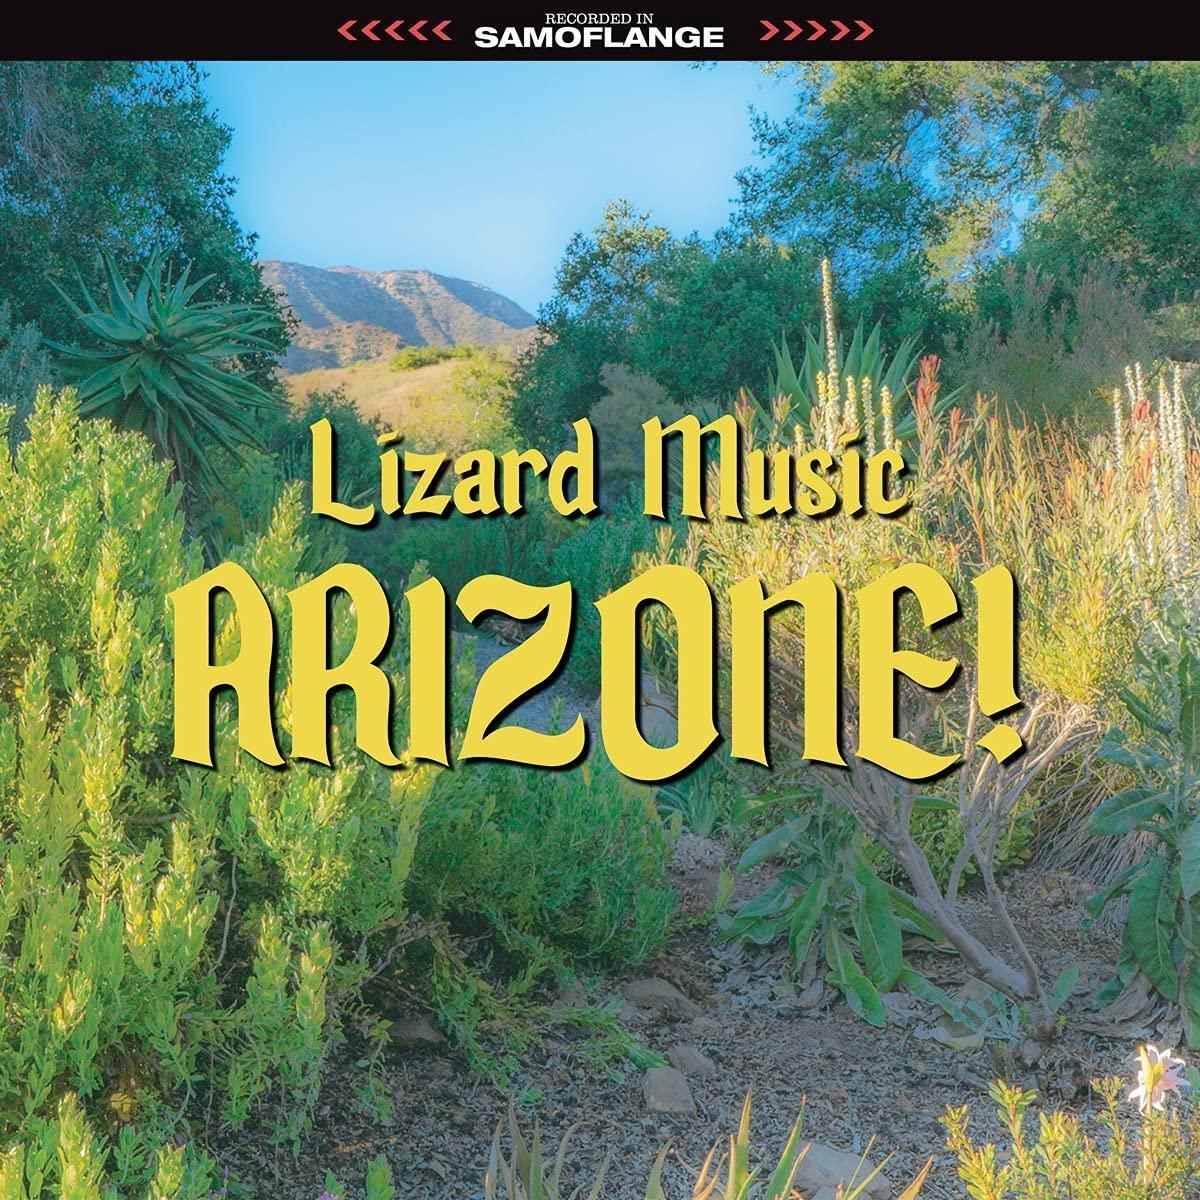 Lizard Music - Arizone!